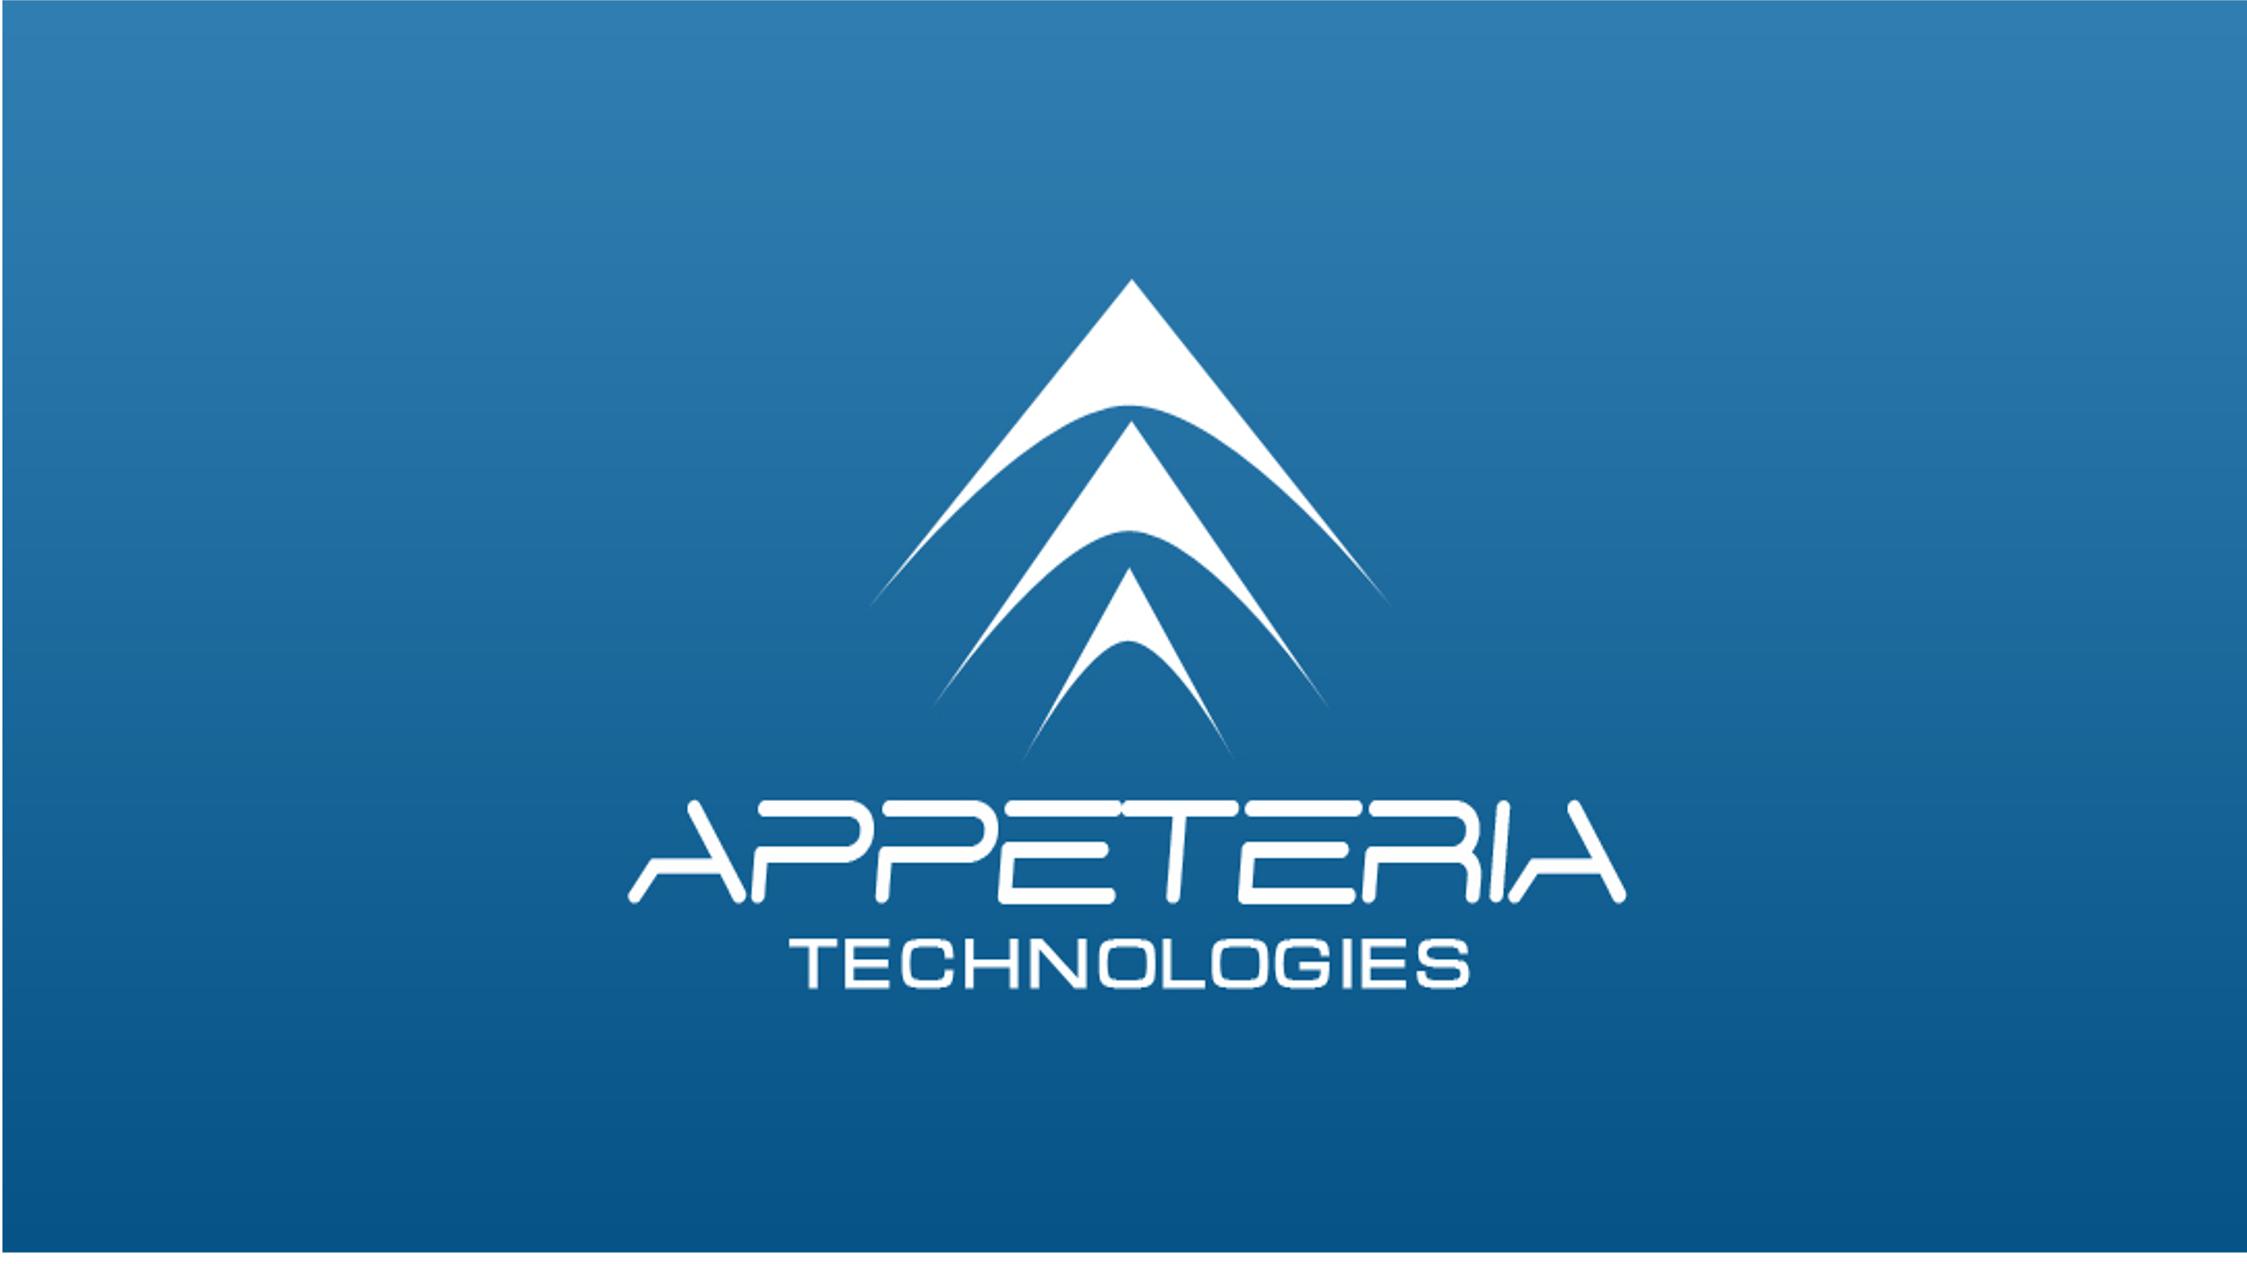 Appeteria